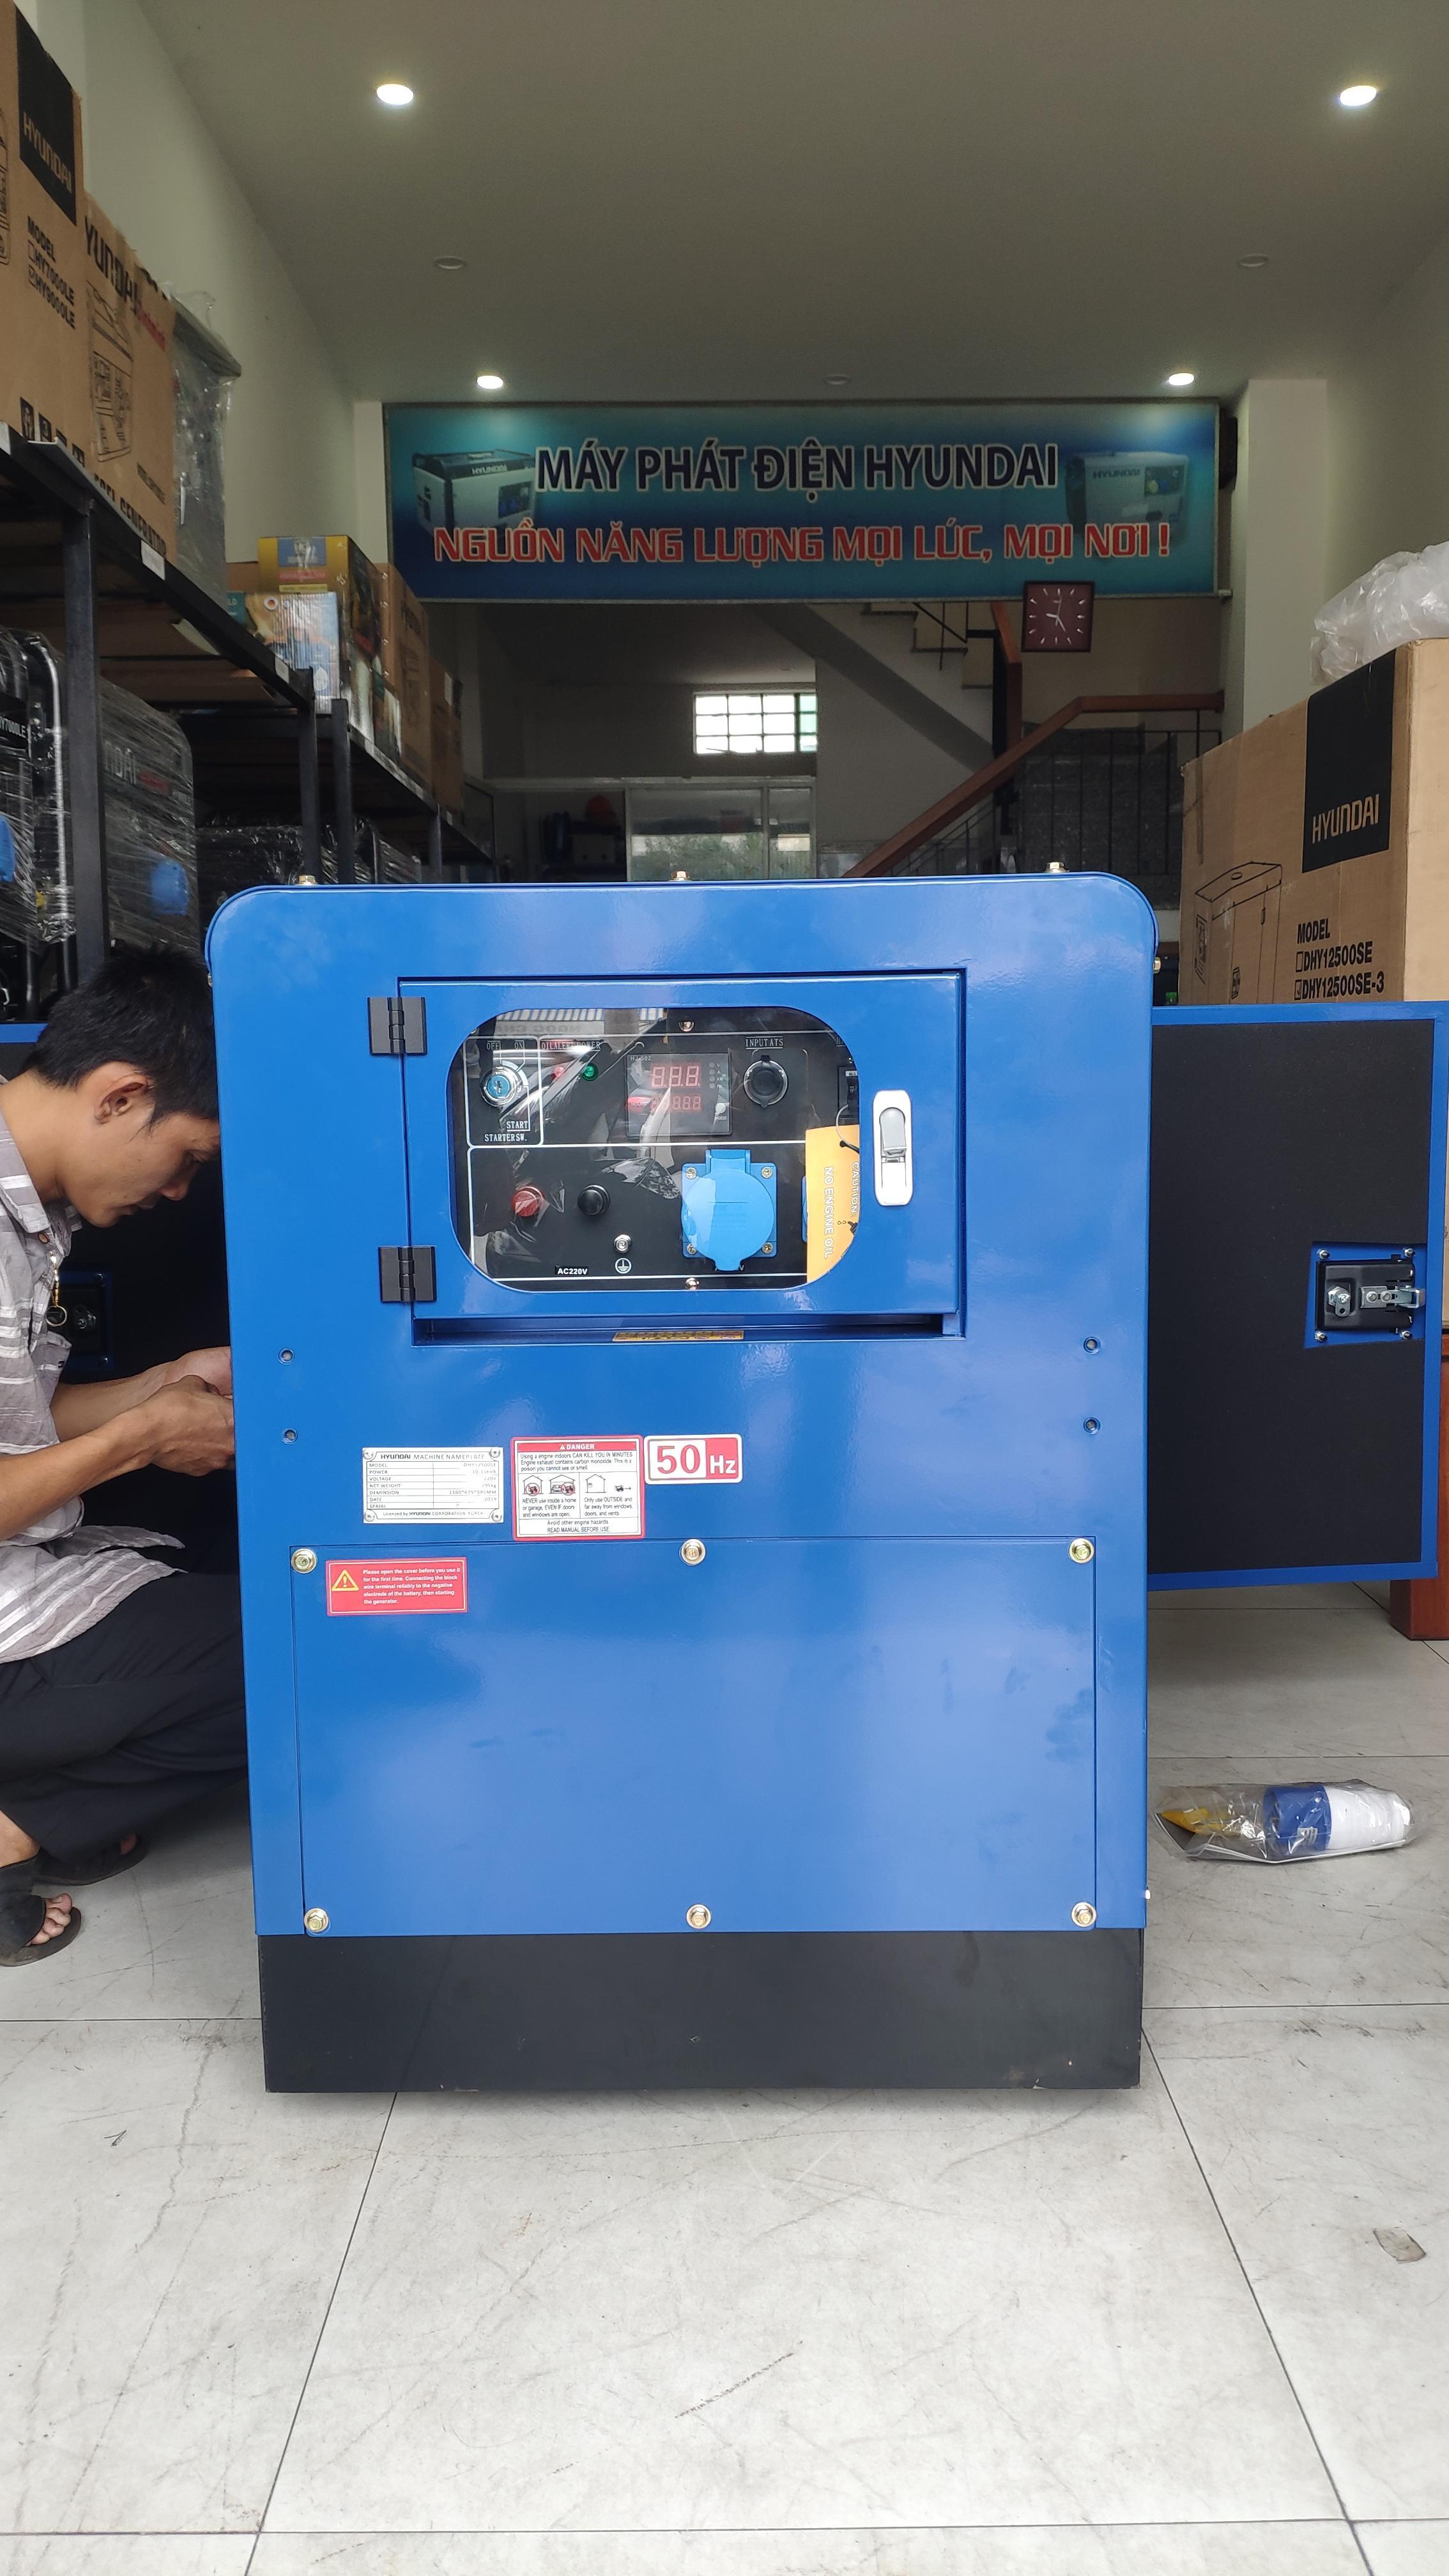 Lựa chọn máy phát điện chạy dầu diesel hay máy phát điện chạy xăng???